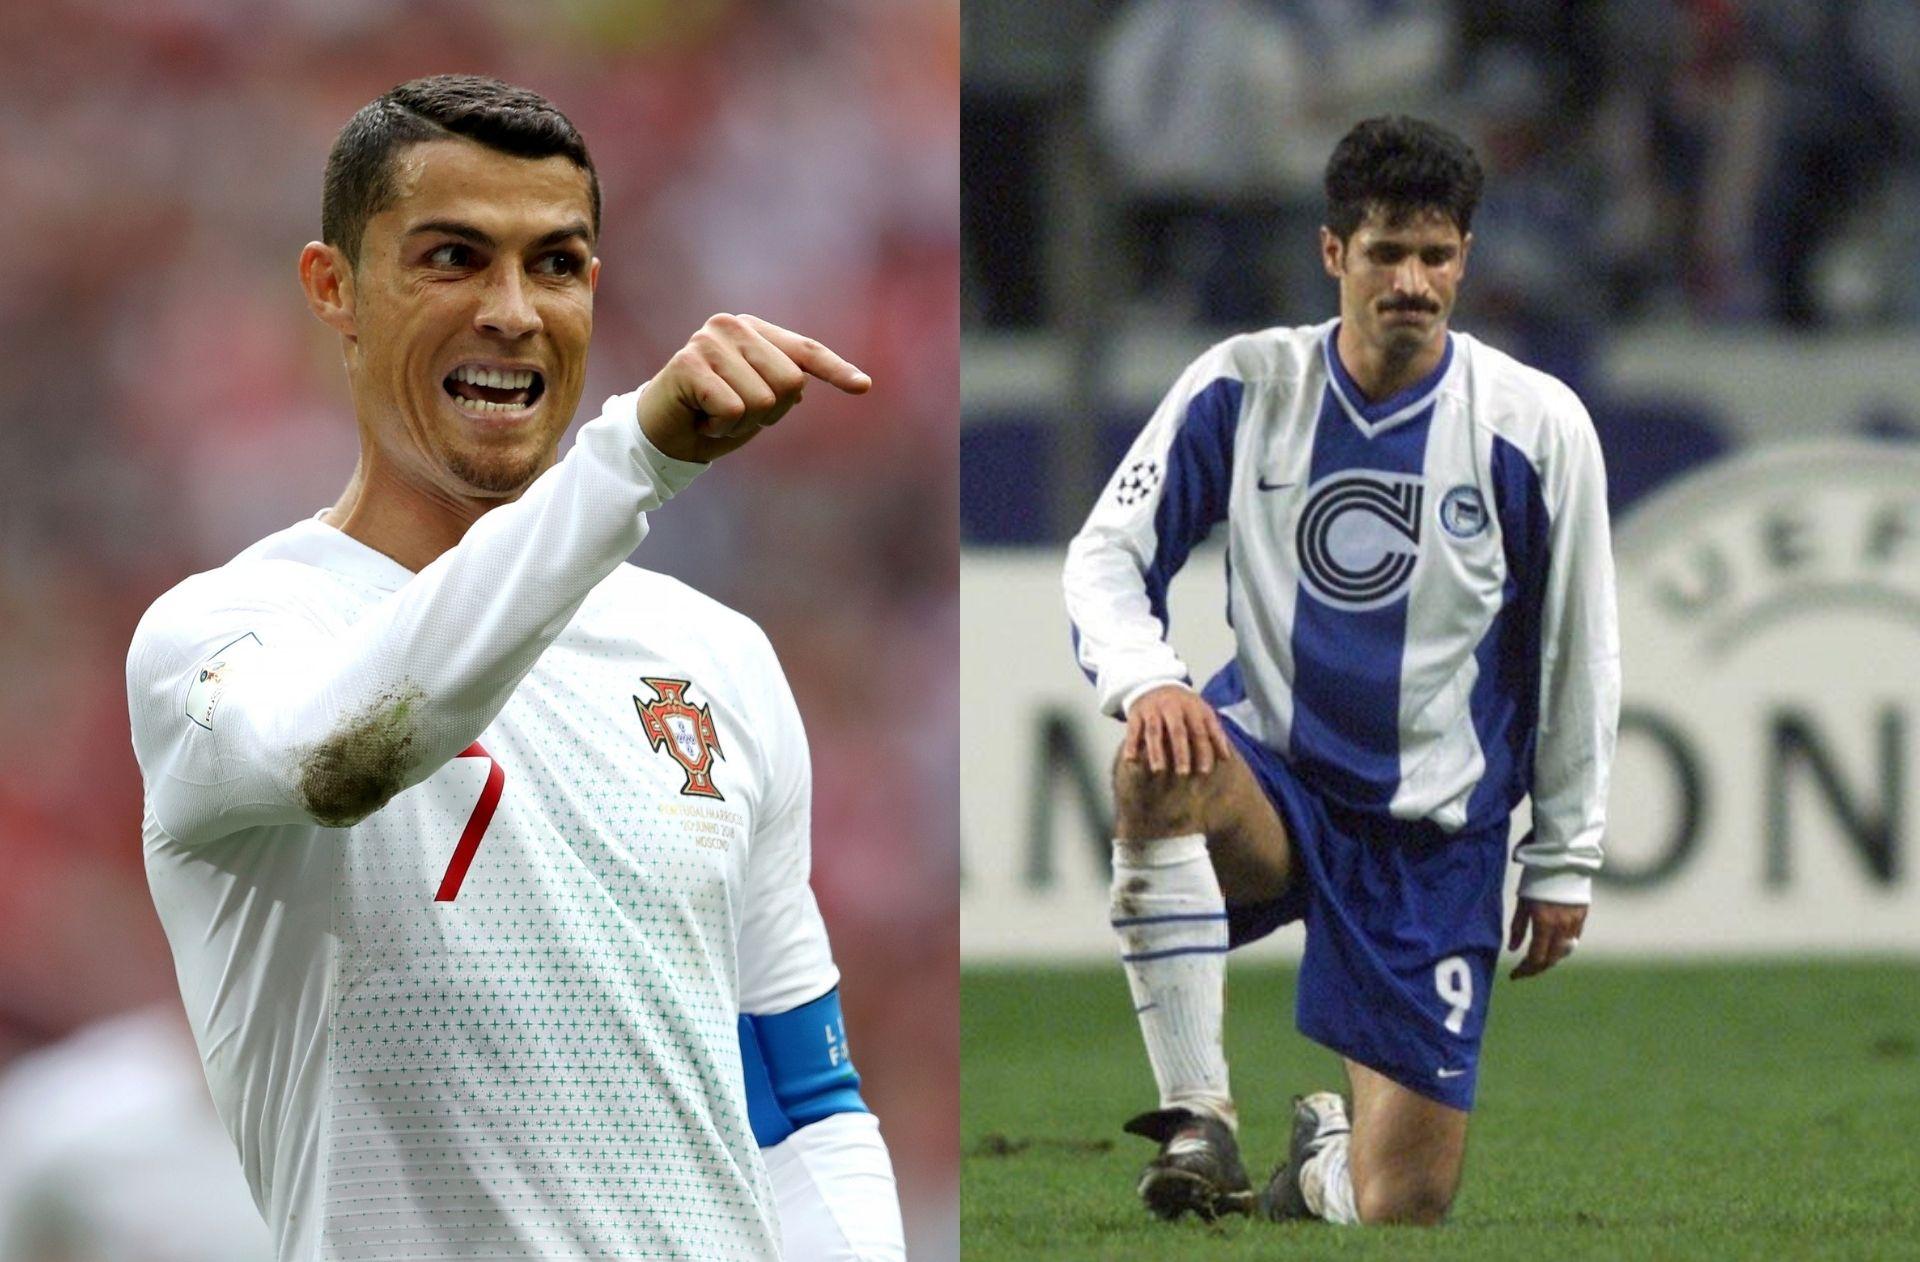 Cristiano Ronaldo of Portugal, Ali Daei of Iran